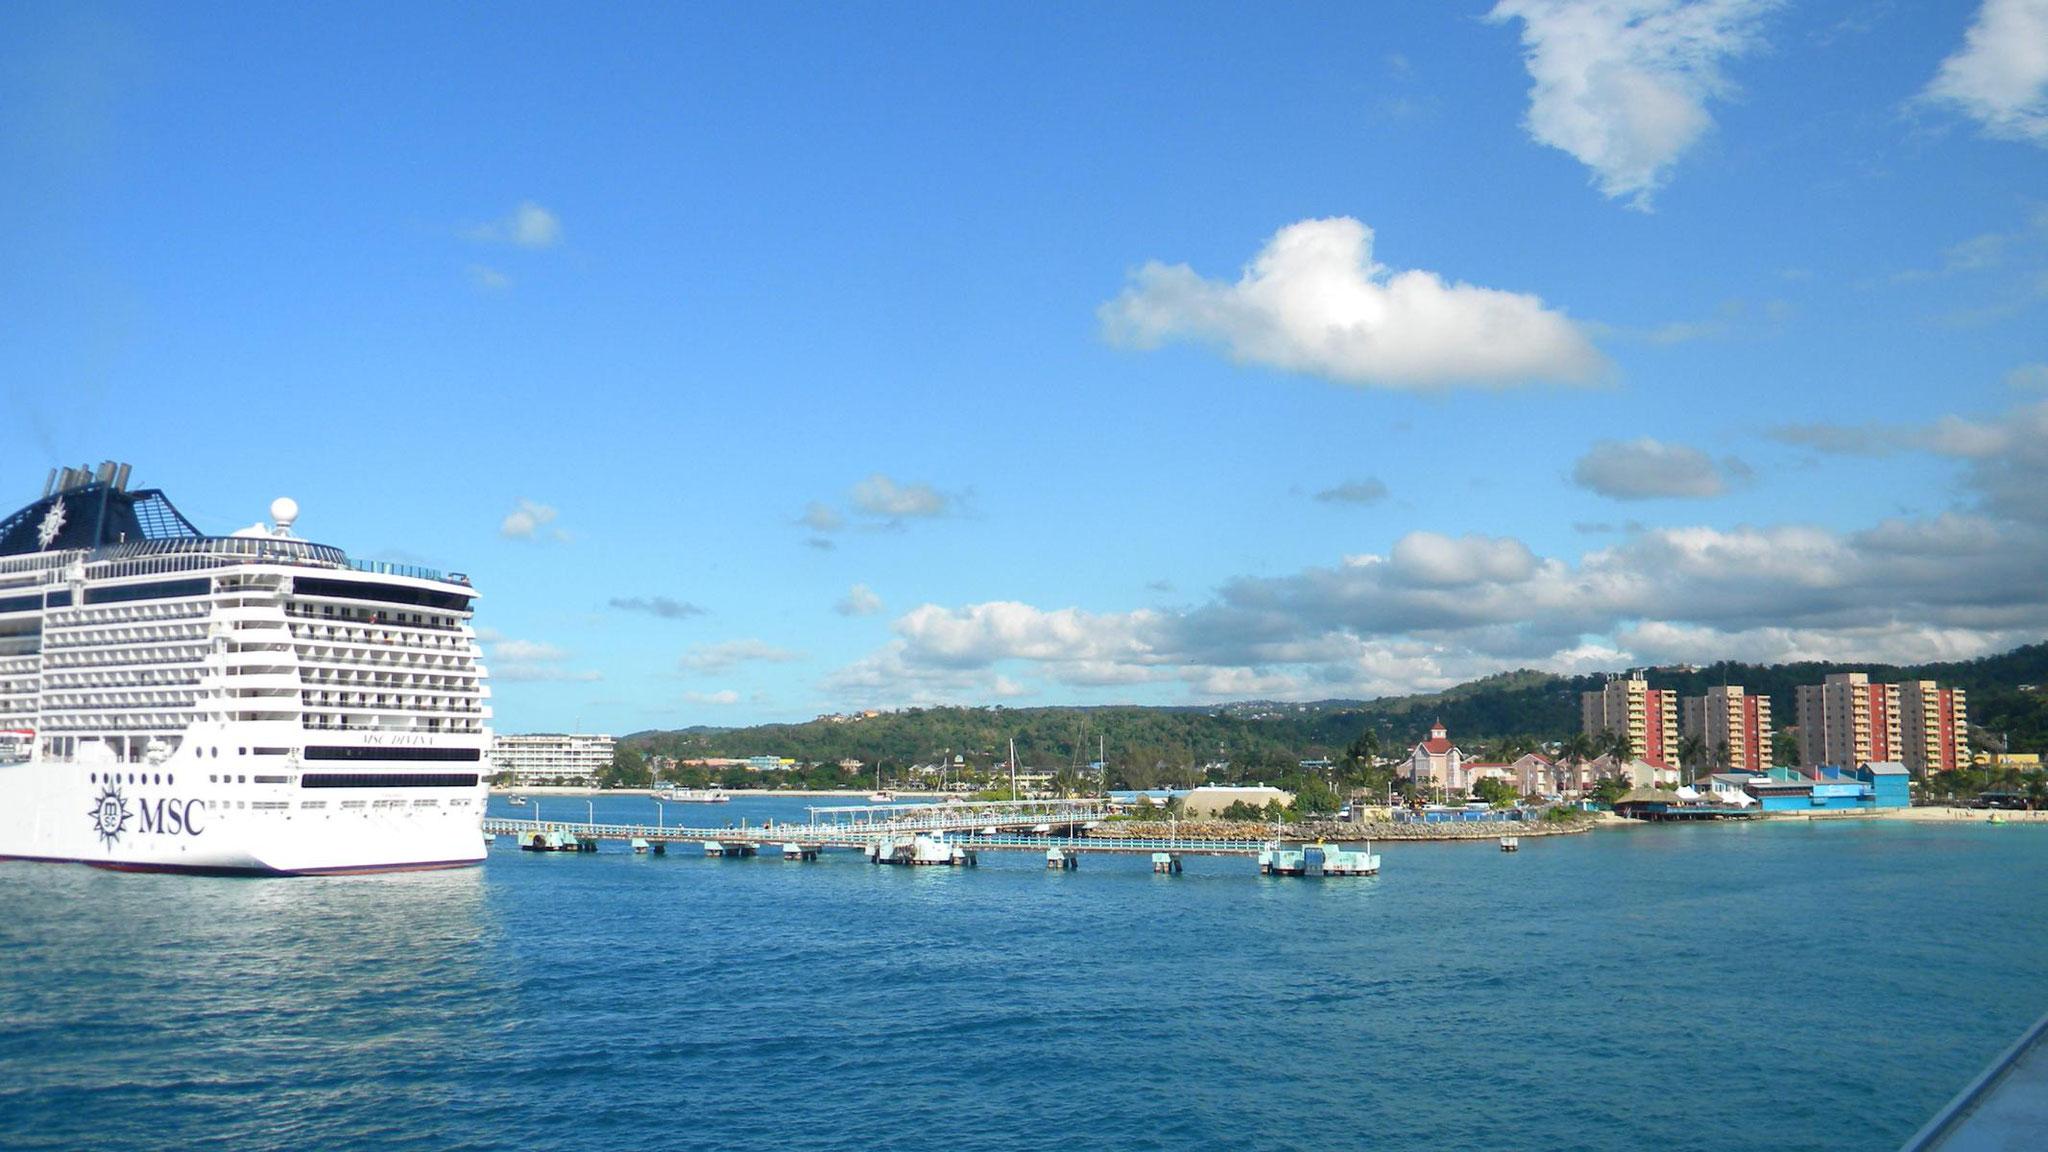 Blick auf den Ocho Rios Cruise Terminal